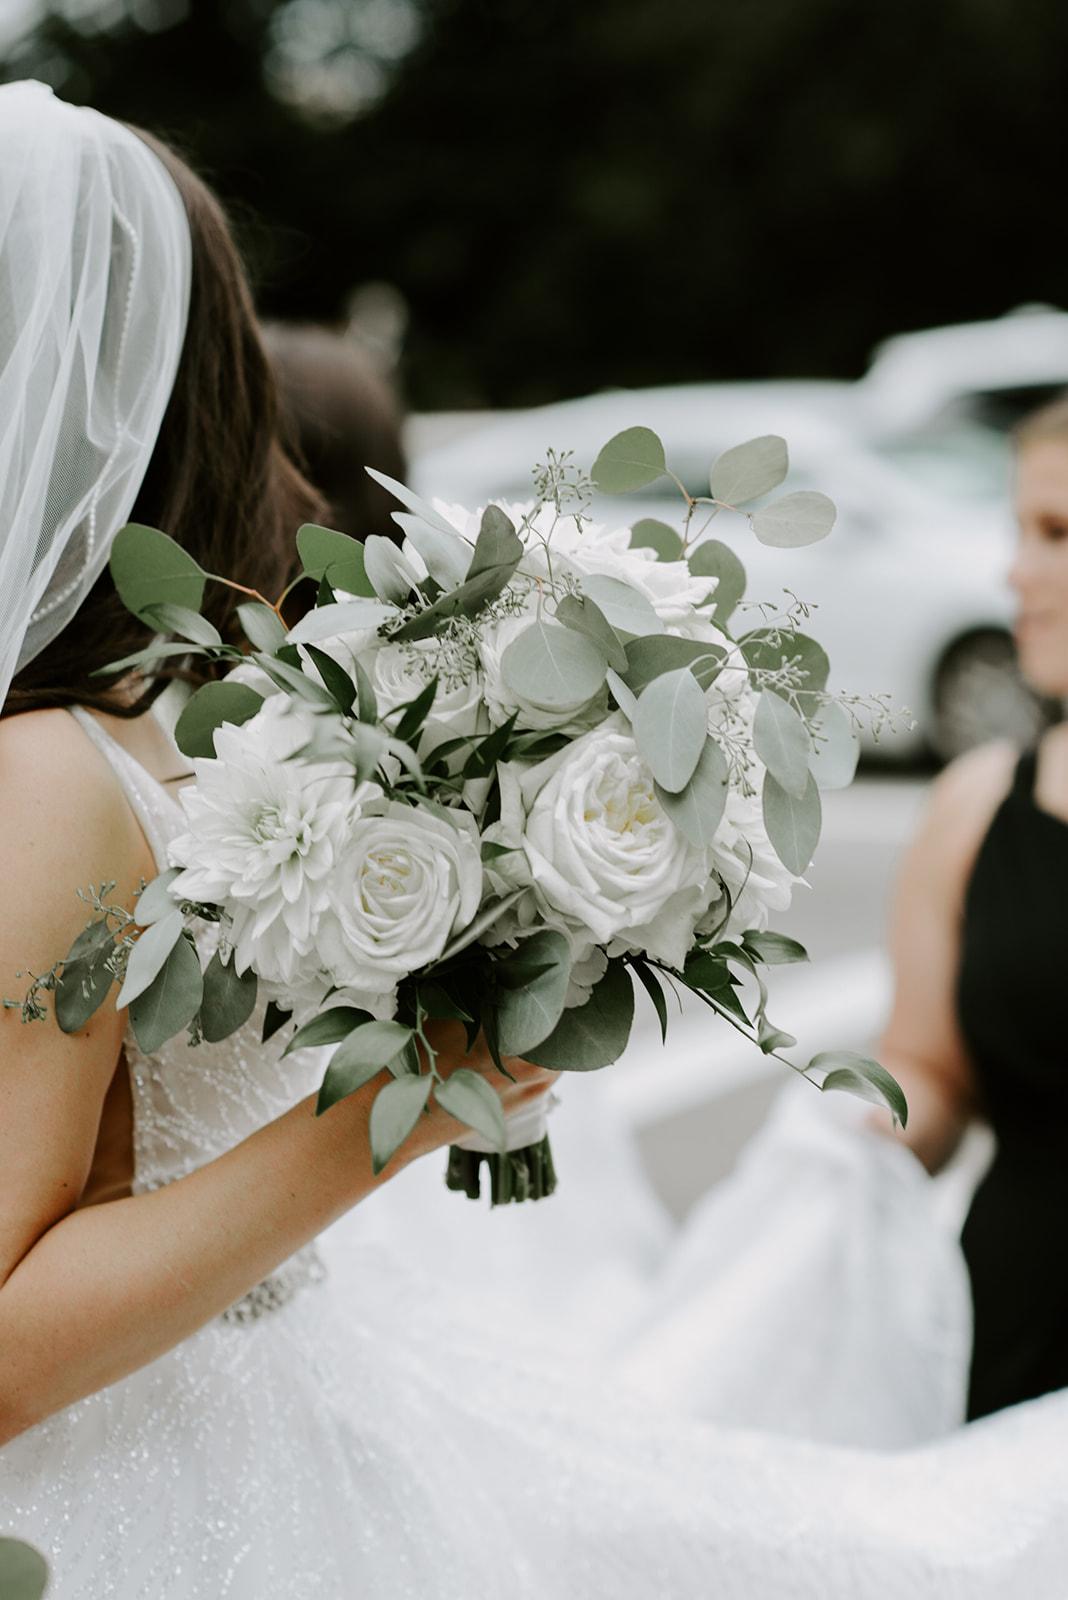 PAIGEANDDJ-bridemorning-madelinerosephot